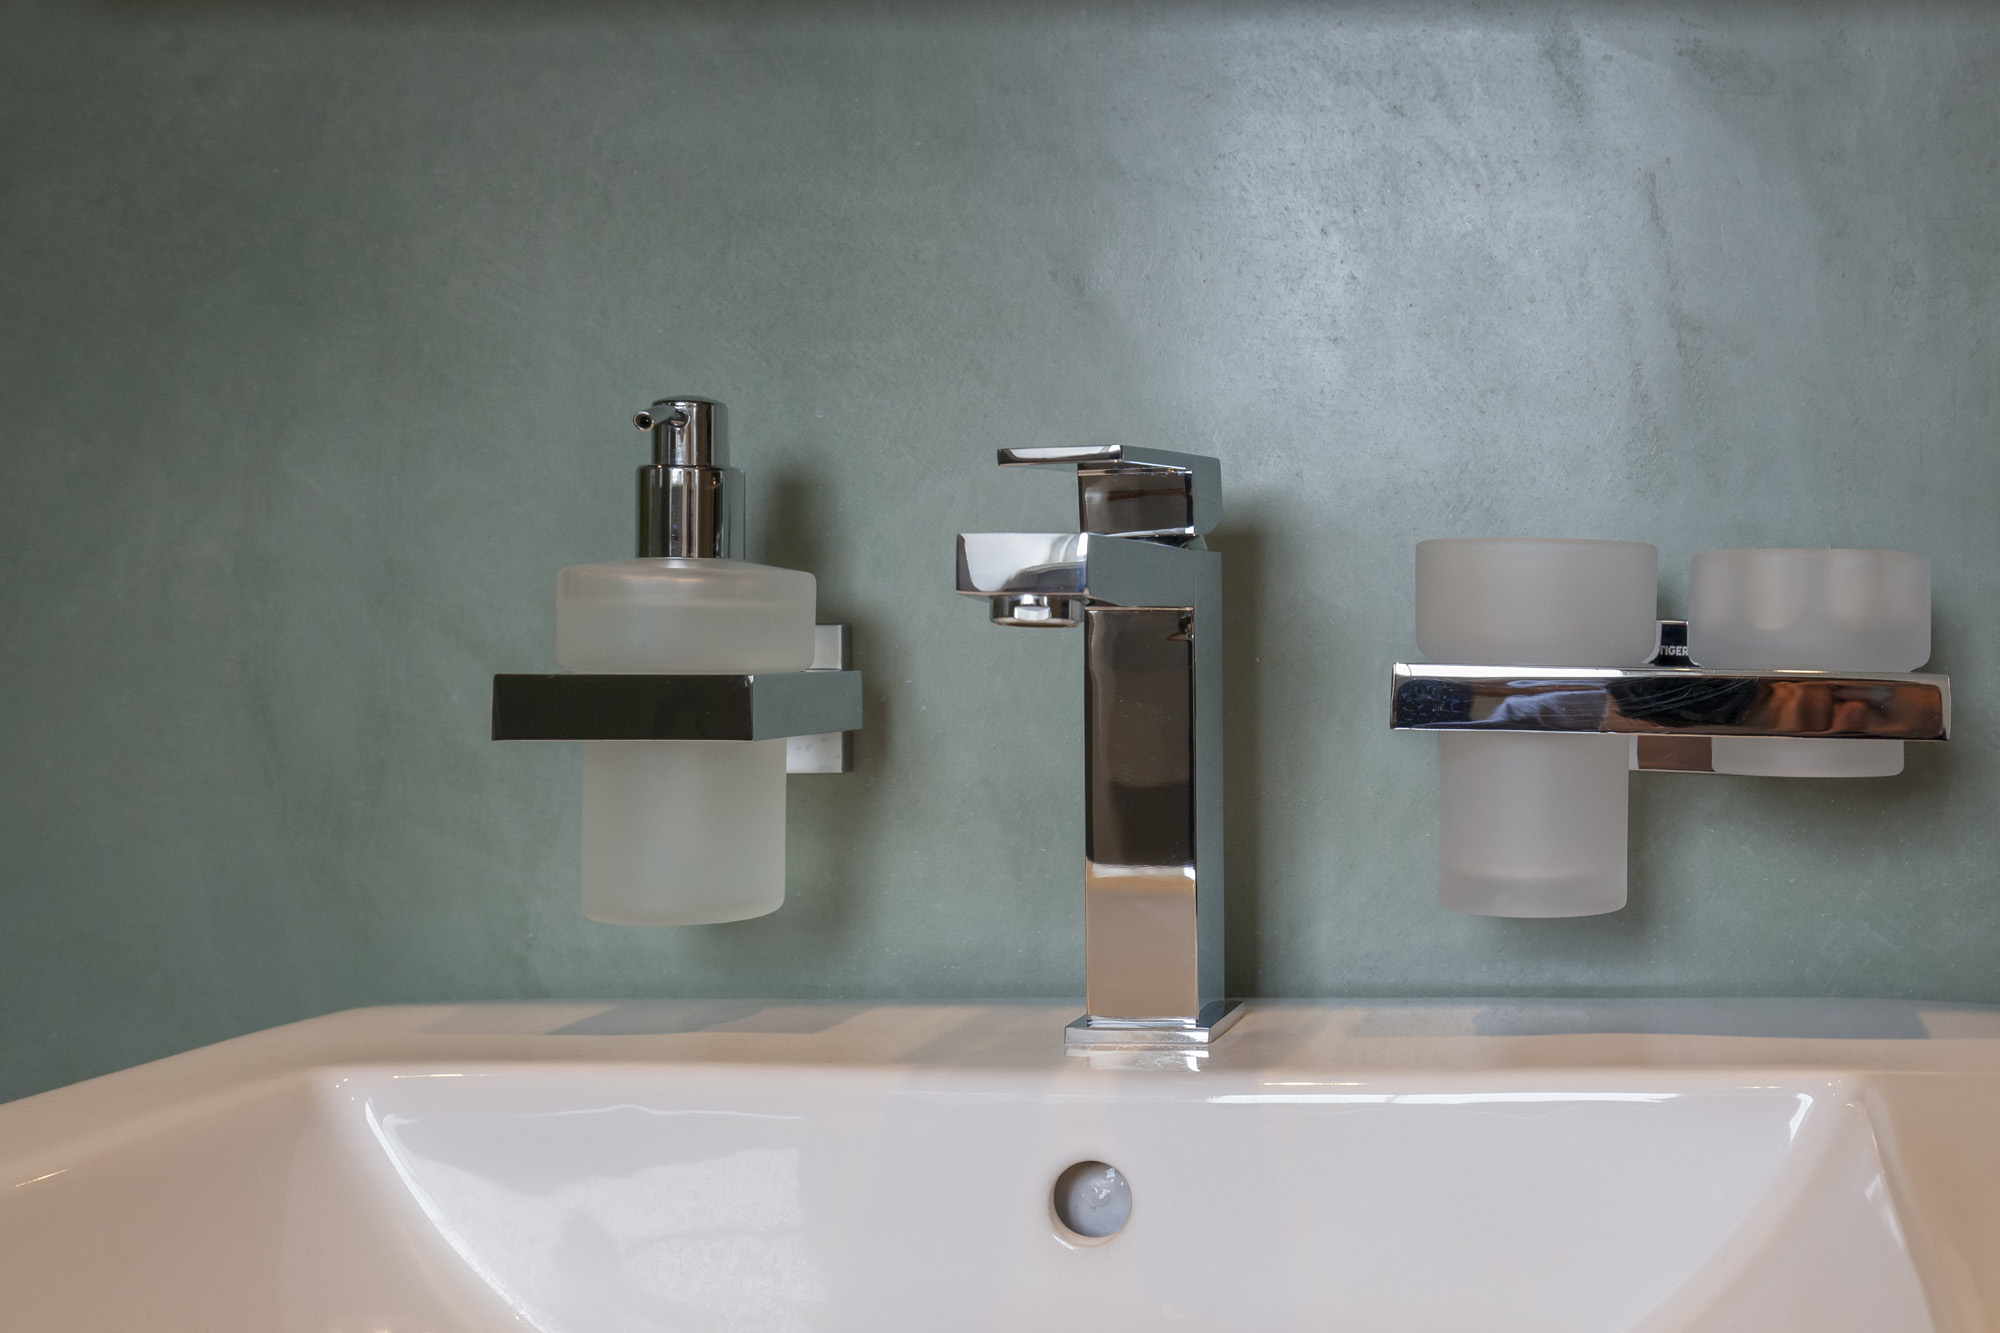 Alternatief voor tegels badkamer tgwonen for Badkamer artikelen